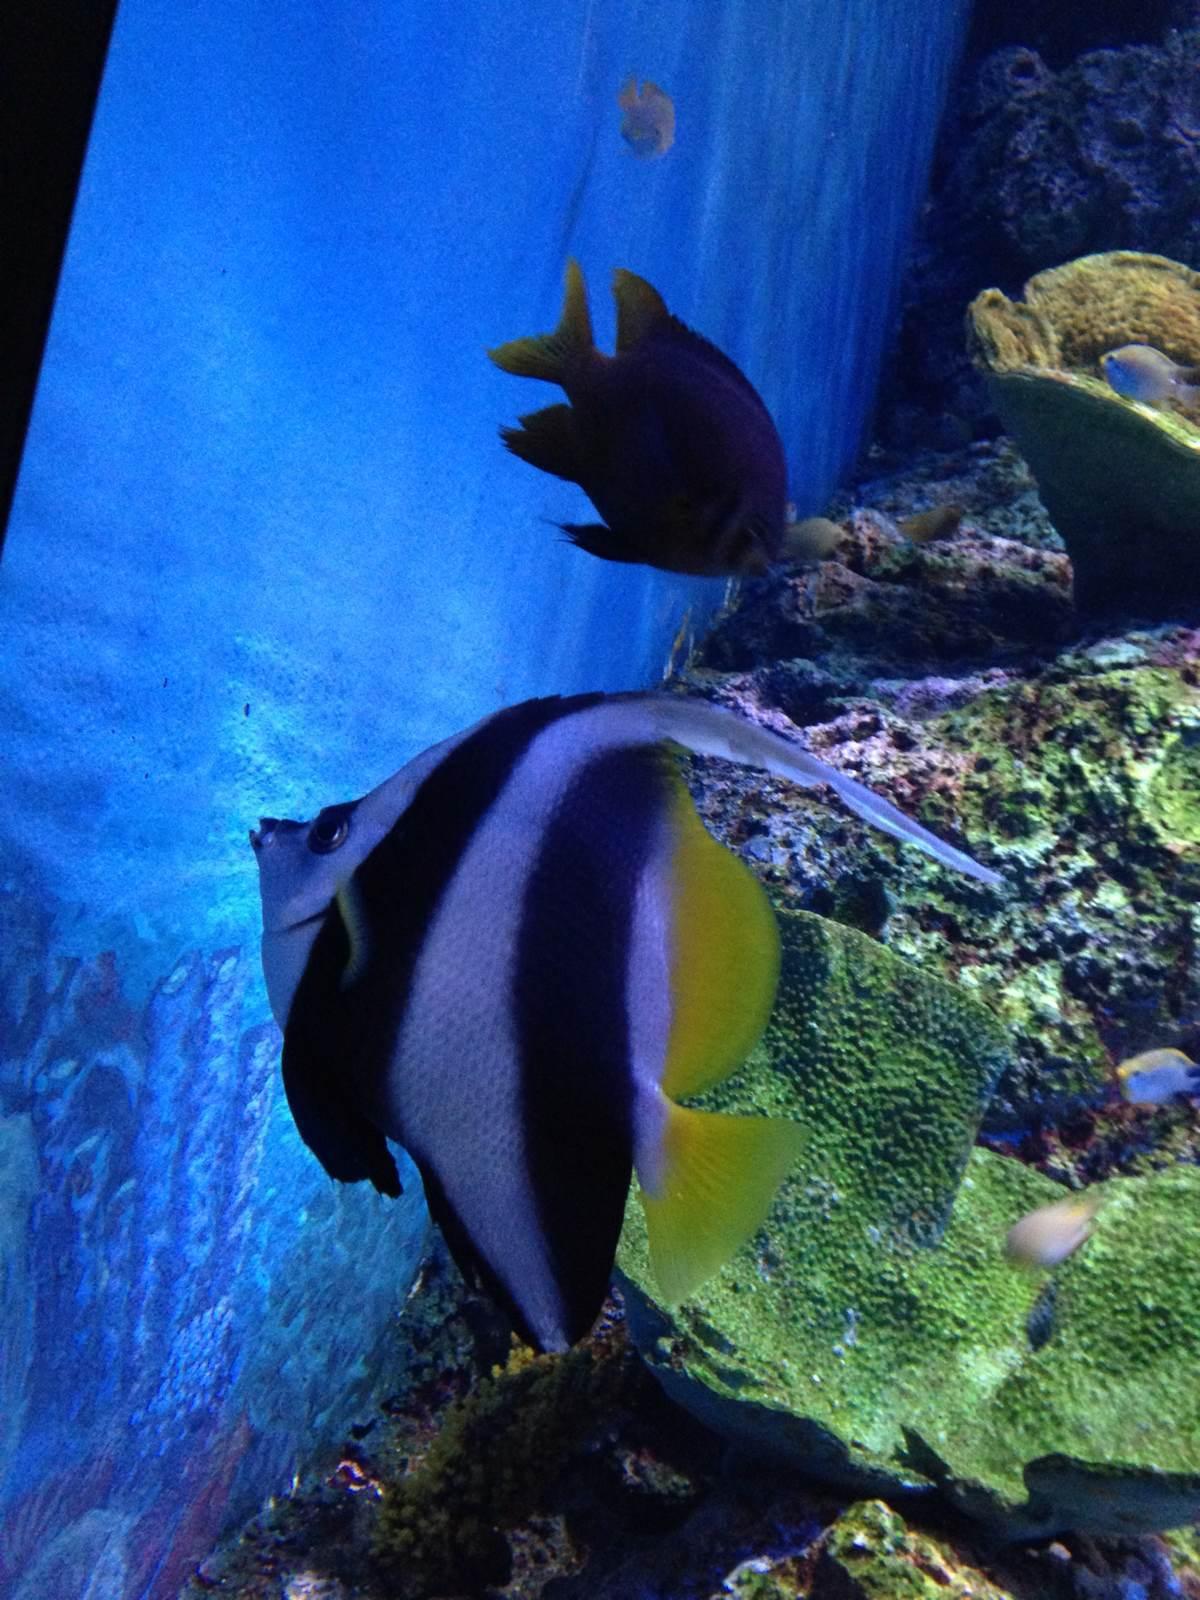 壁纸 动物 海底 海底世界 海洋馆 水族馆 鱼 鱼类 1200_1600 竖版 竖